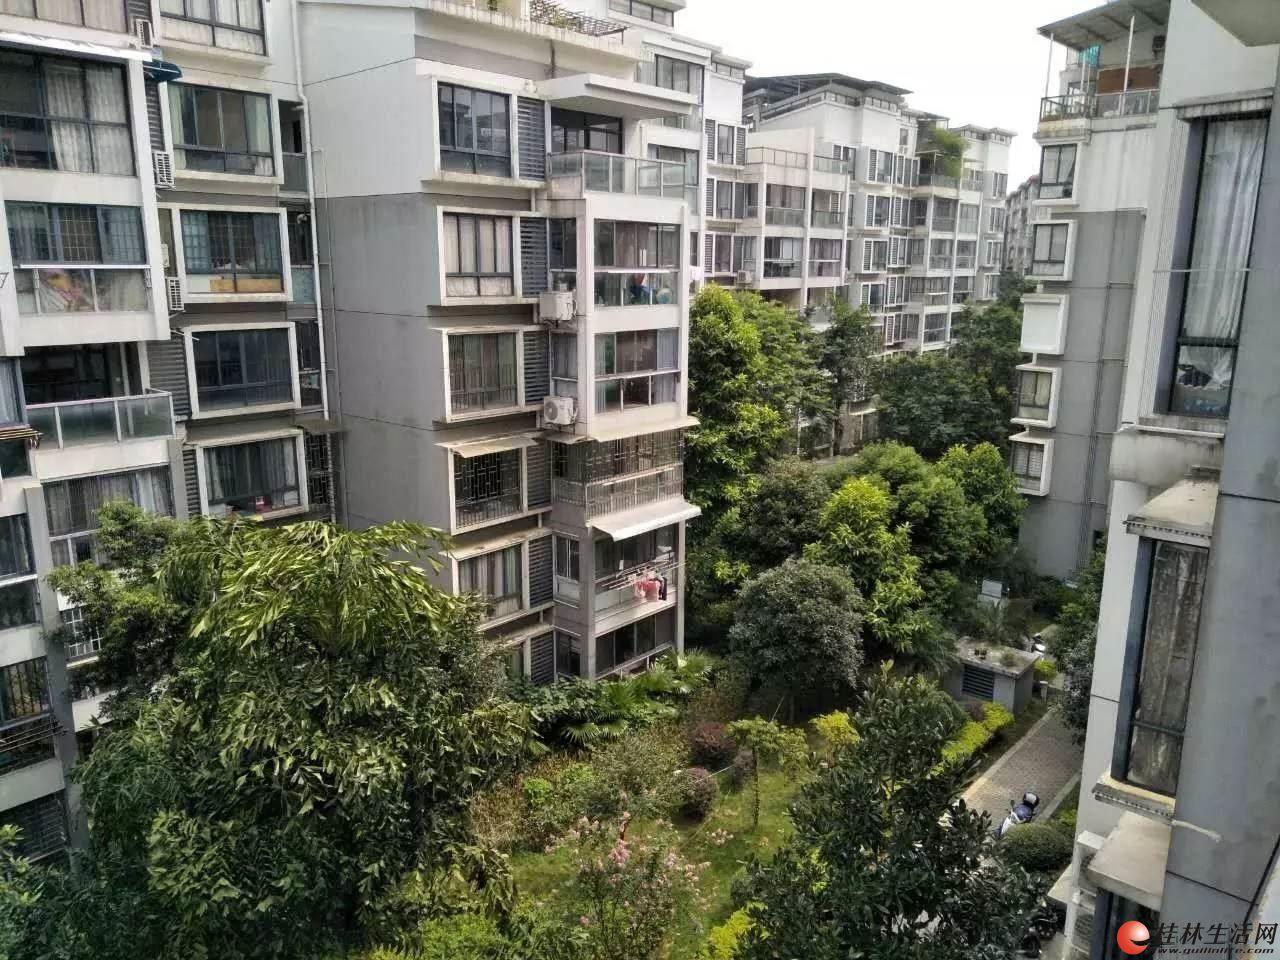 小3房中的精品、七星区三里店甲天下广场对面同和颐园小区